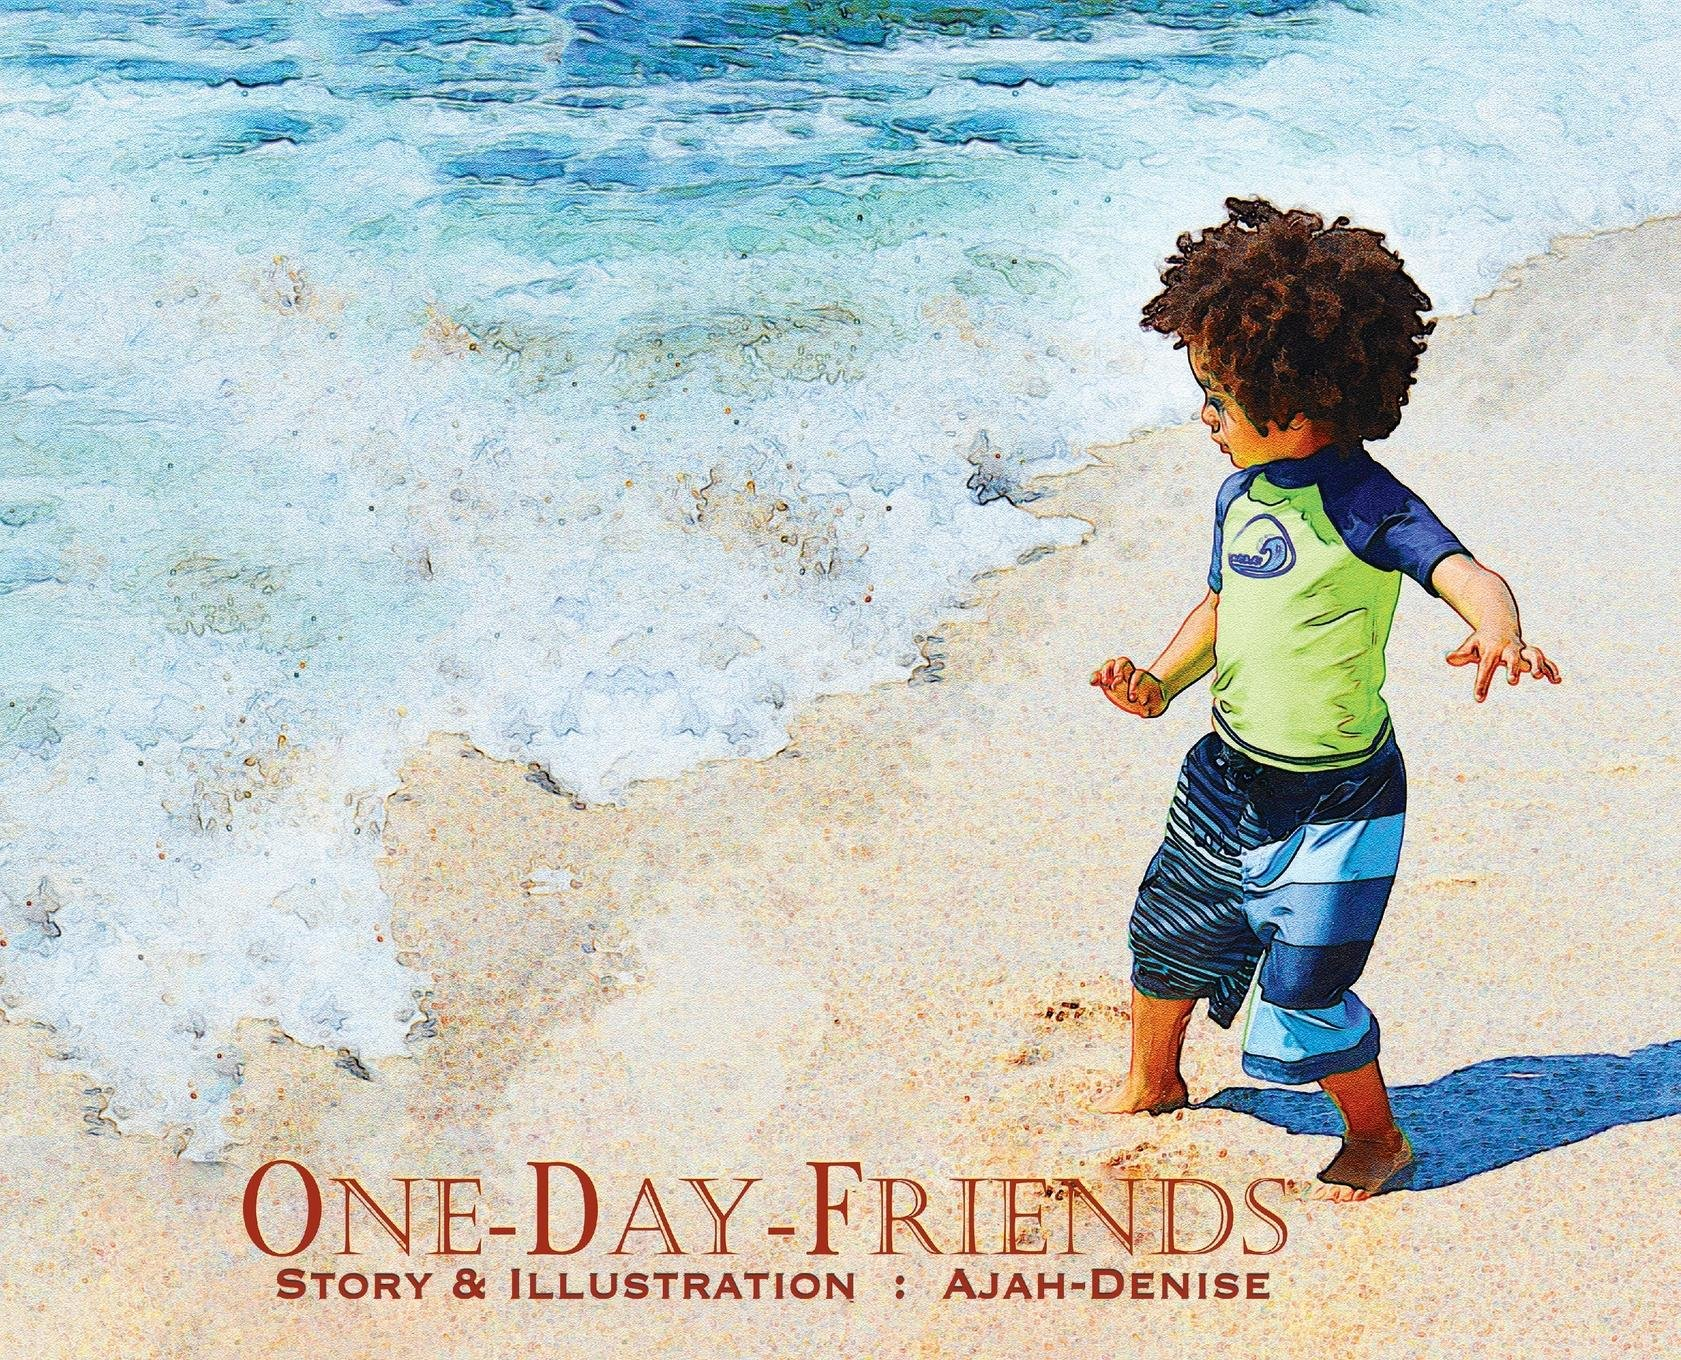 One-Day-Friends PDF